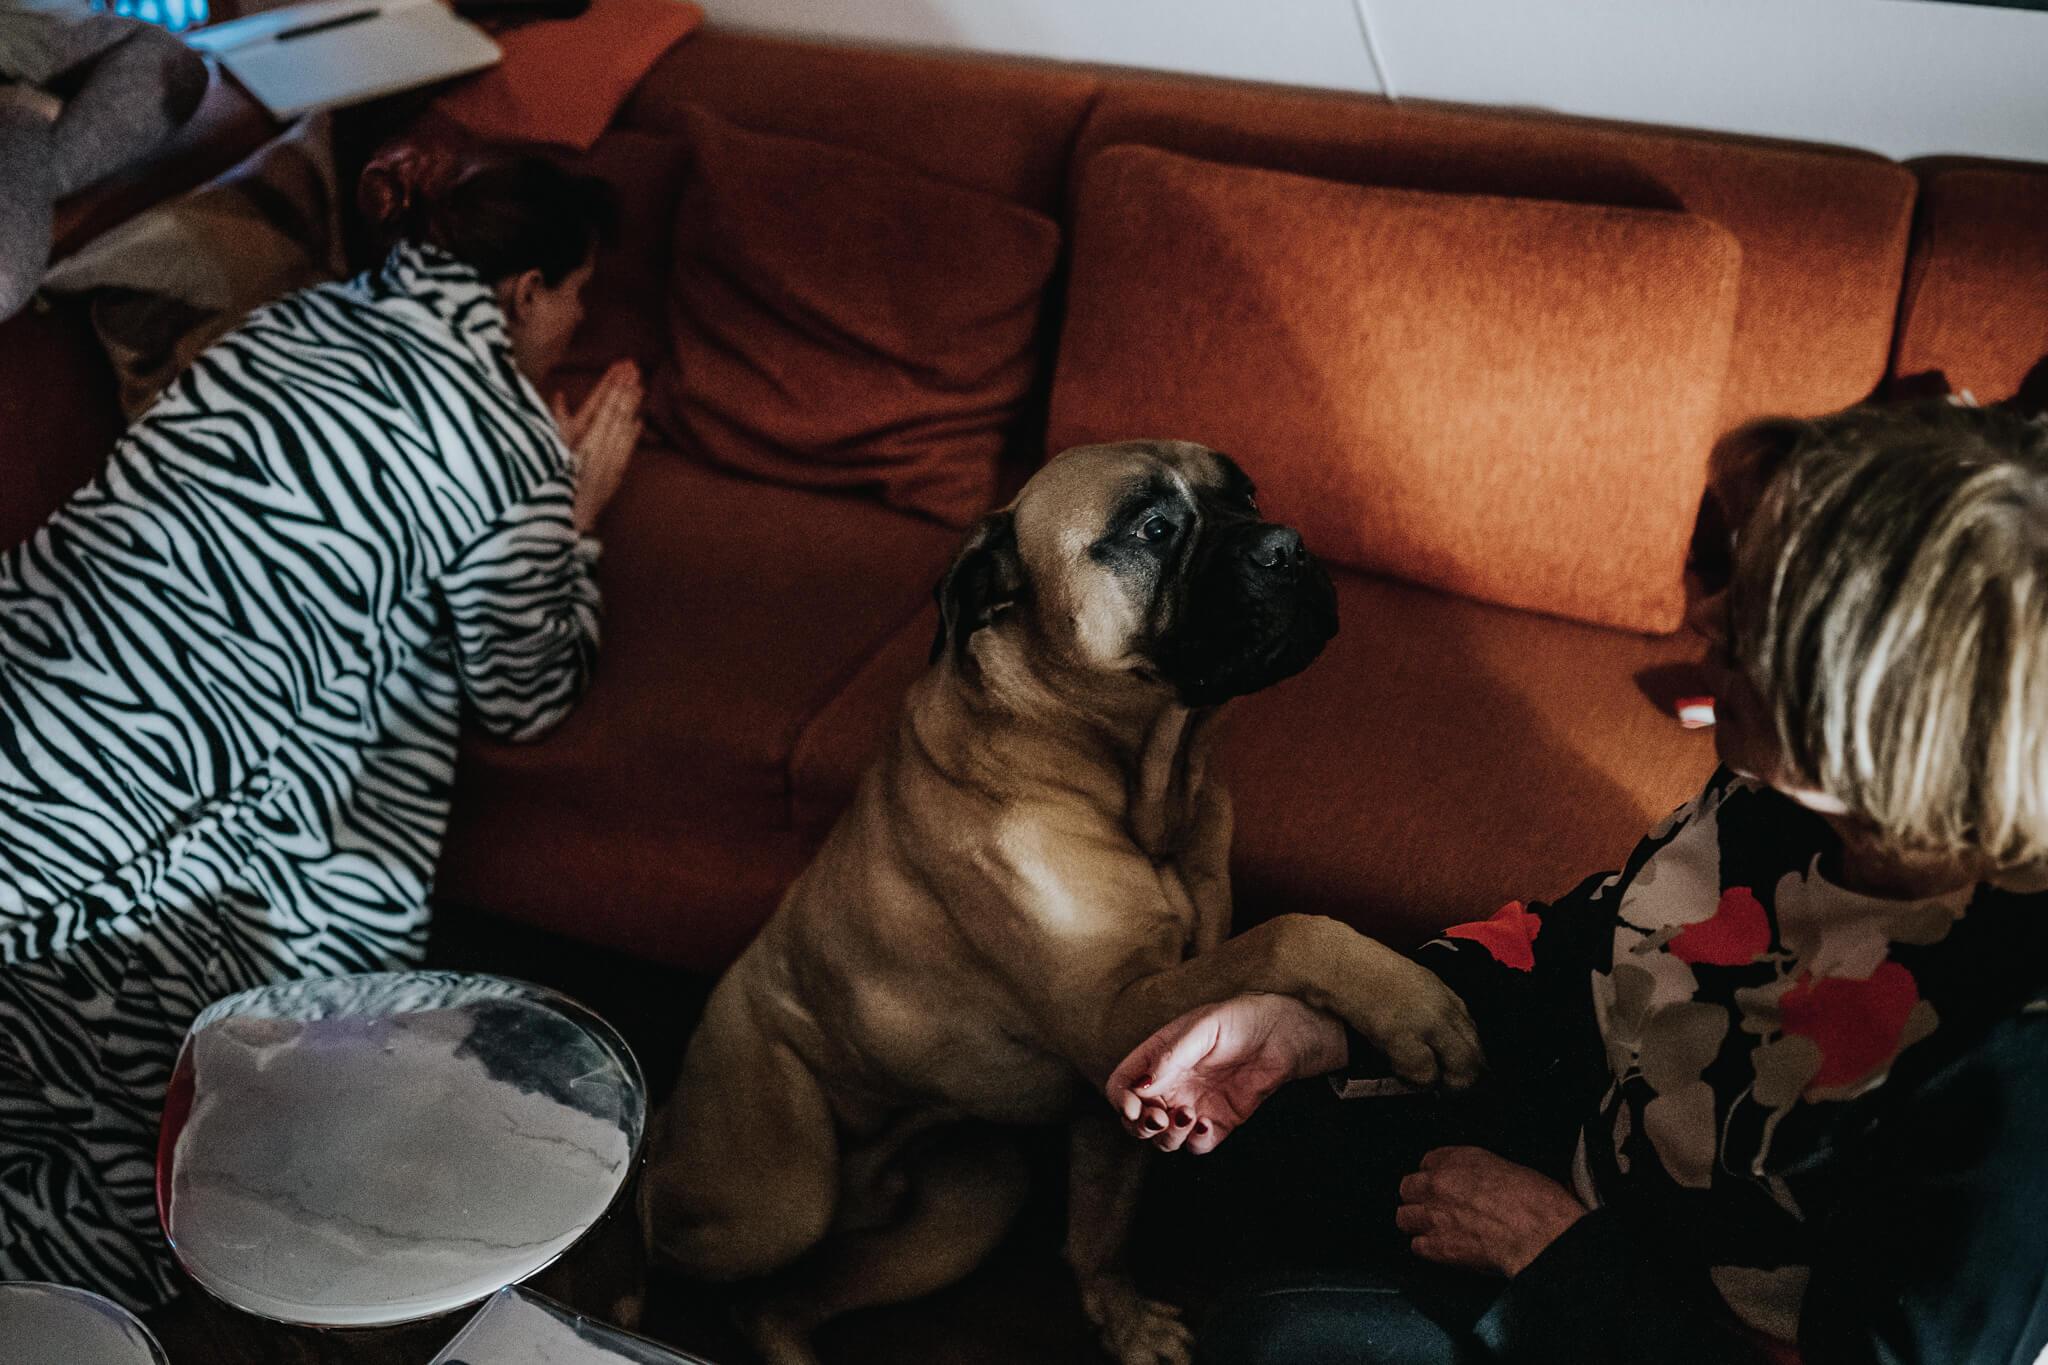 thuisbevalling geboortefotografie hond bij bevalling